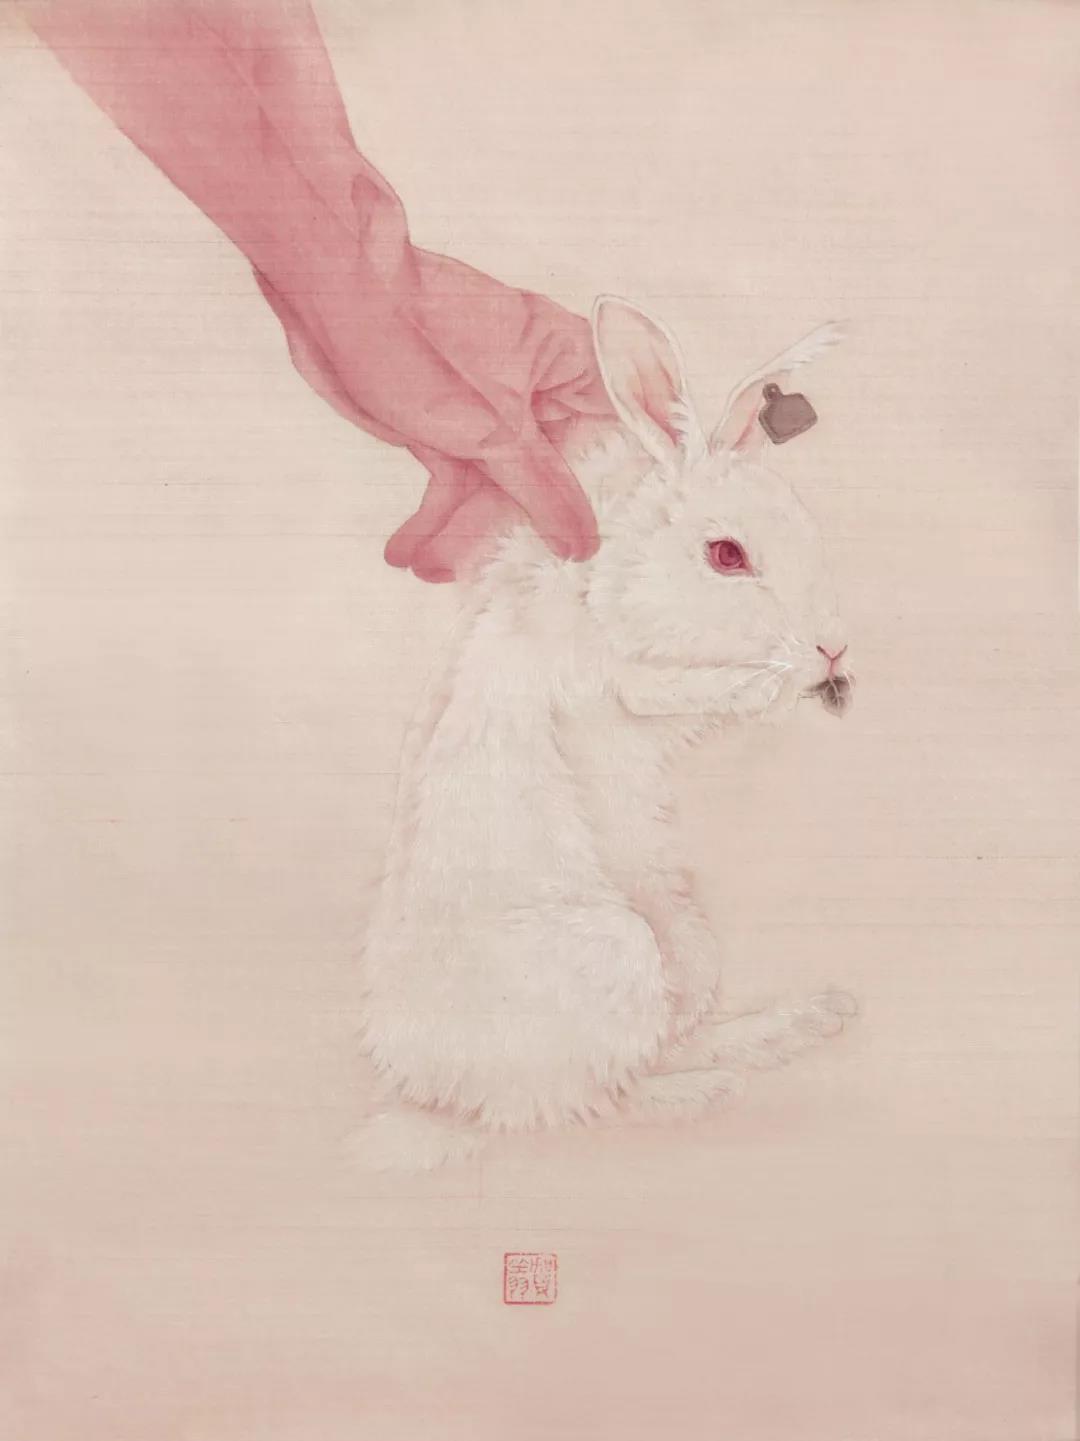 贺翔  rabbit系列 no